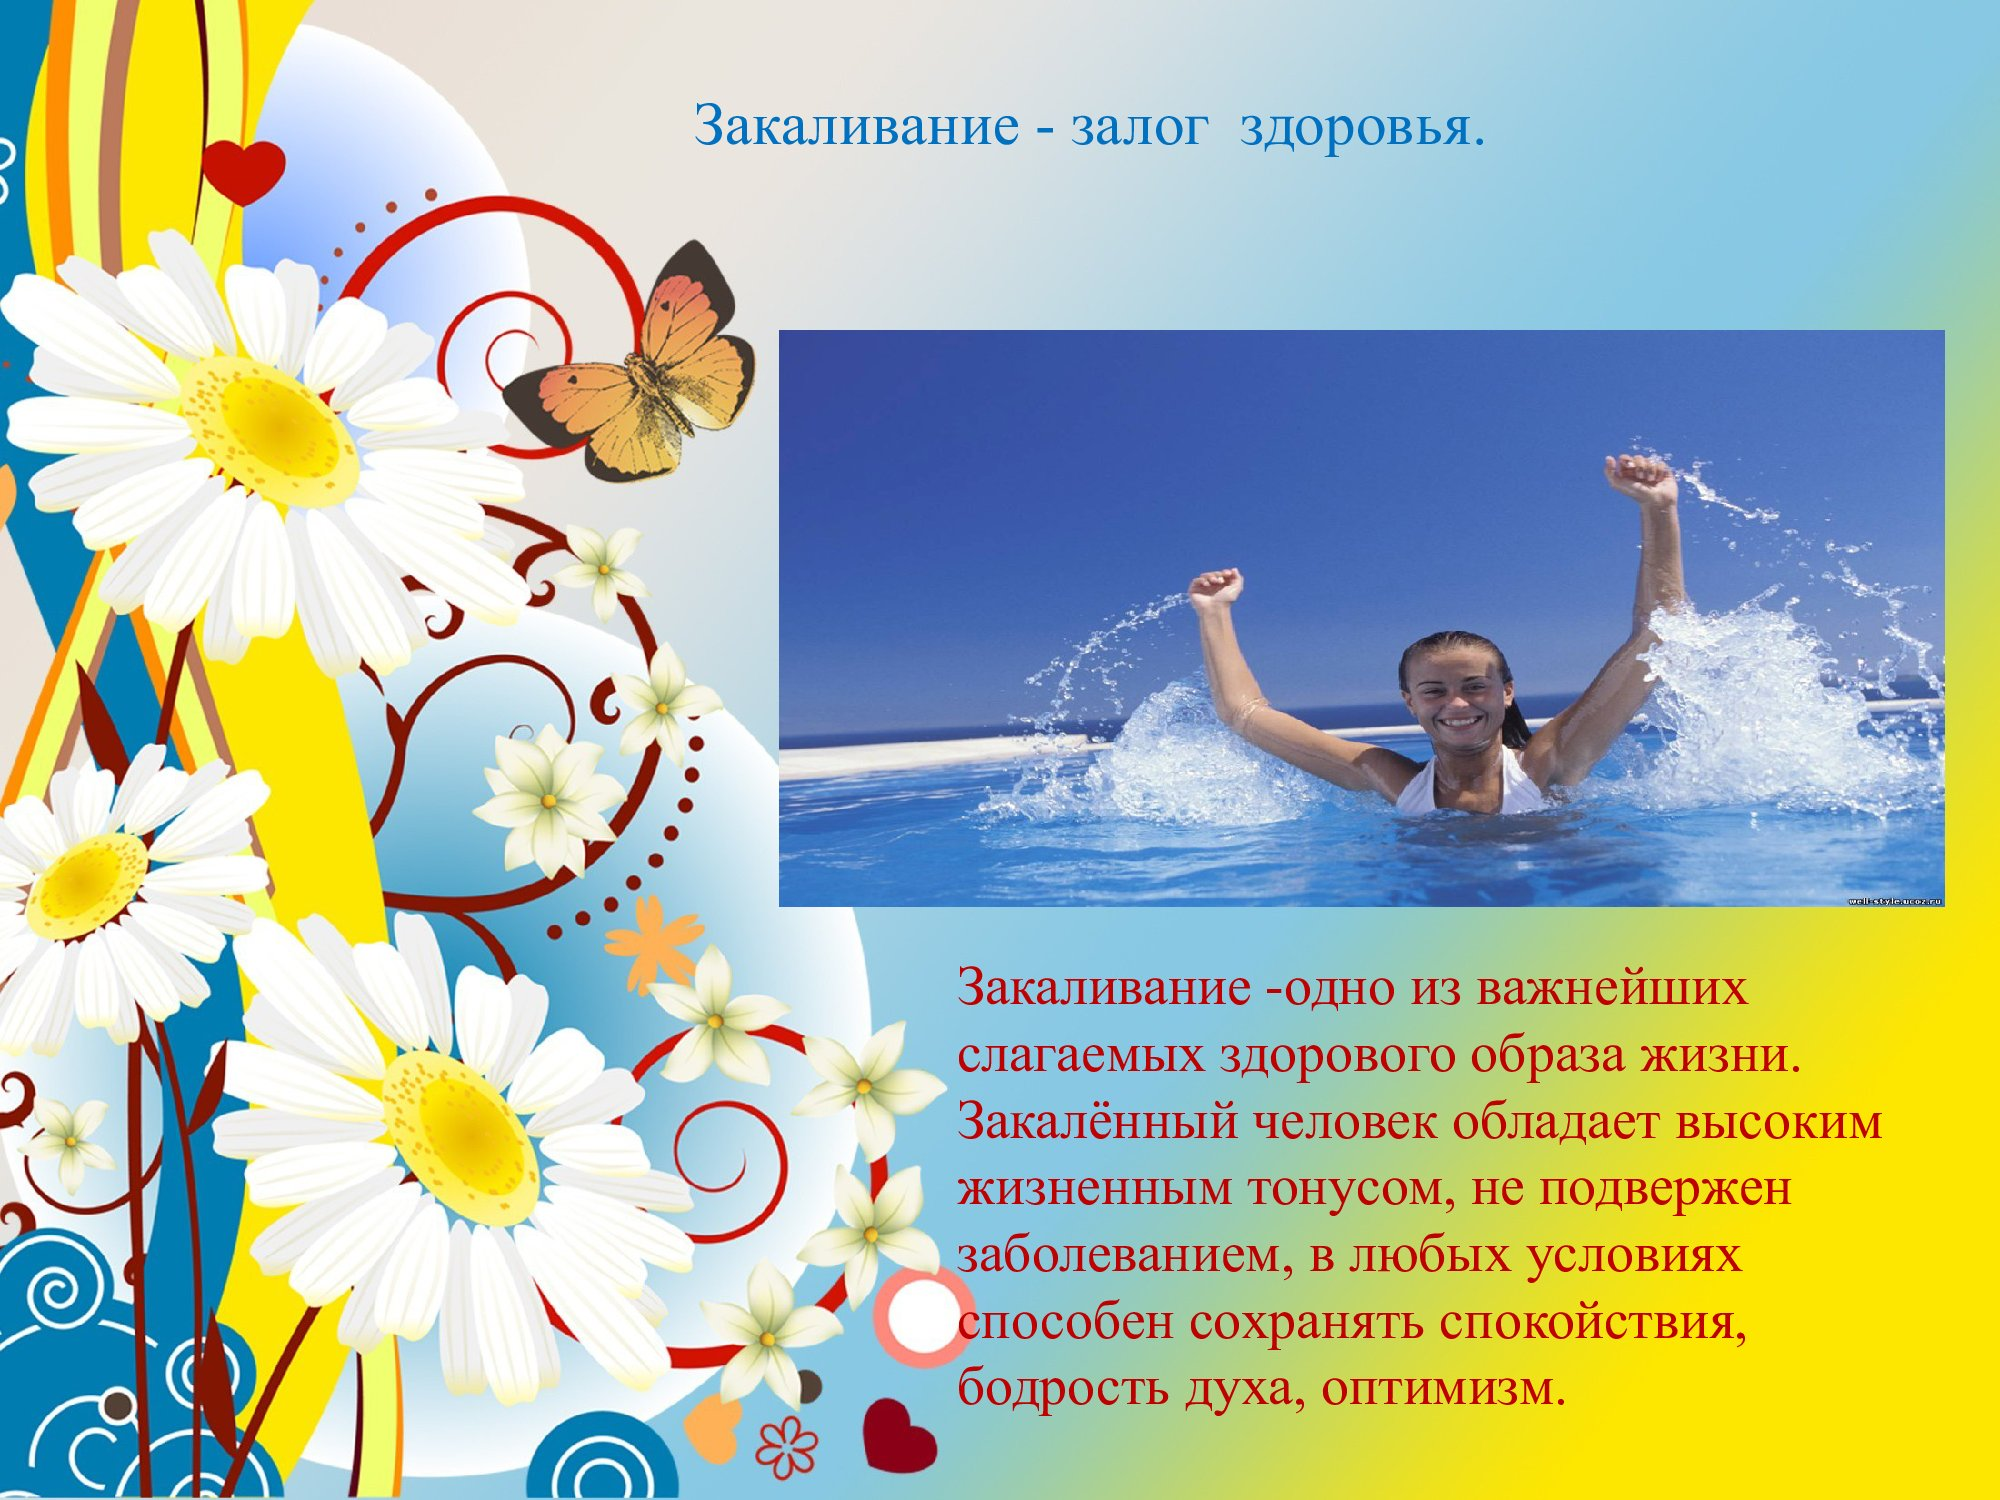 C:\Users\1\Desktop\Здоровый образ жизни- это здорово!\0d3f49af958f89a9-10.jpg